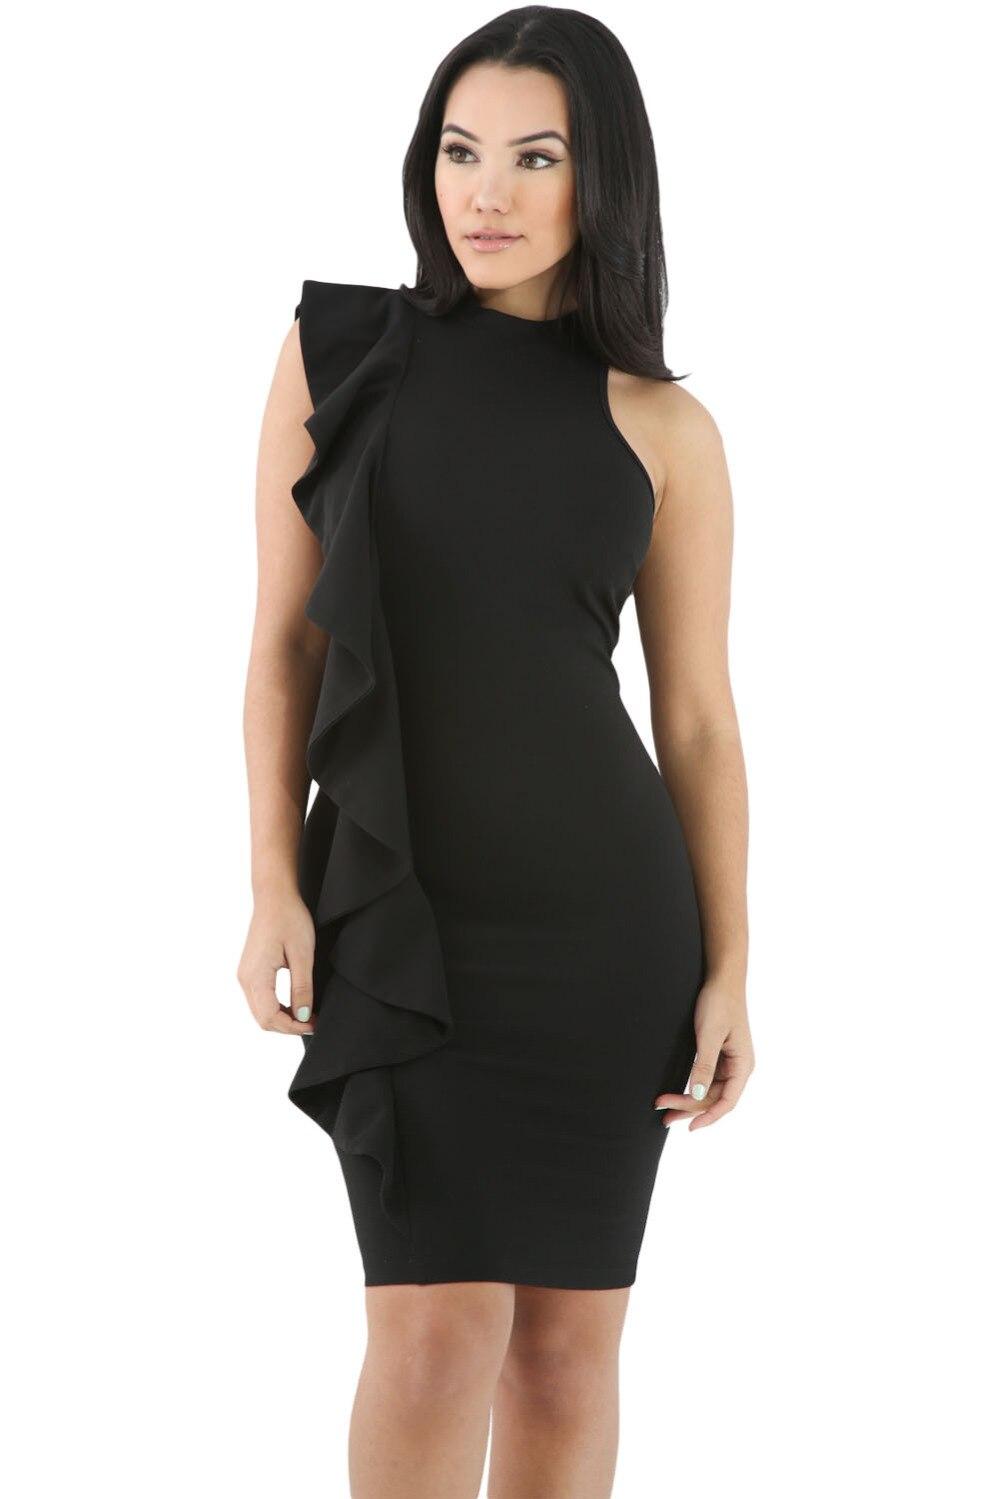 Мода.мини черные платья